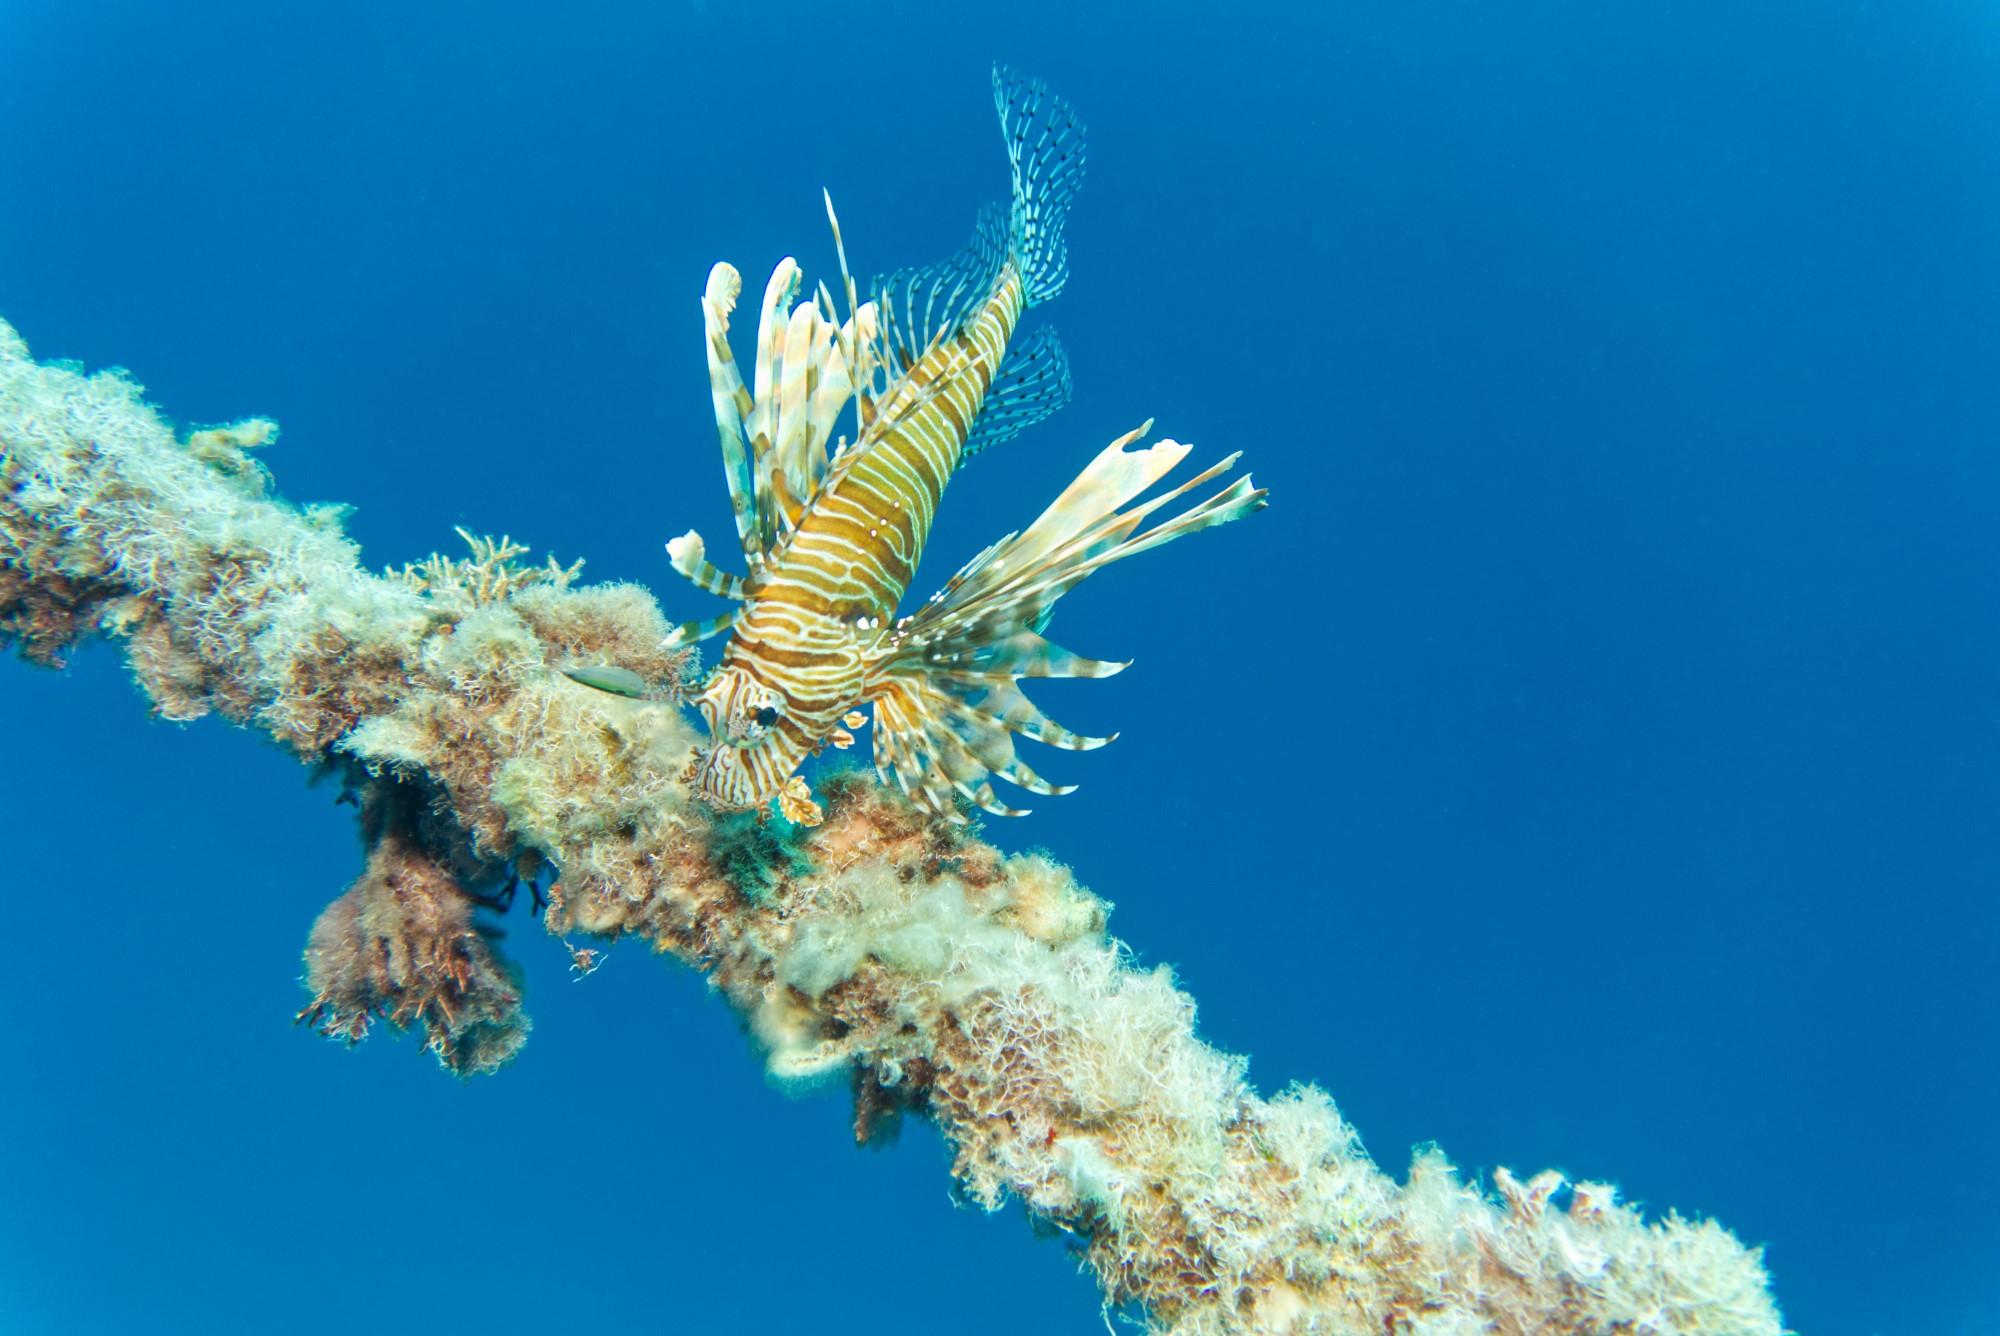 Rotfeuerfisch an Bootstau